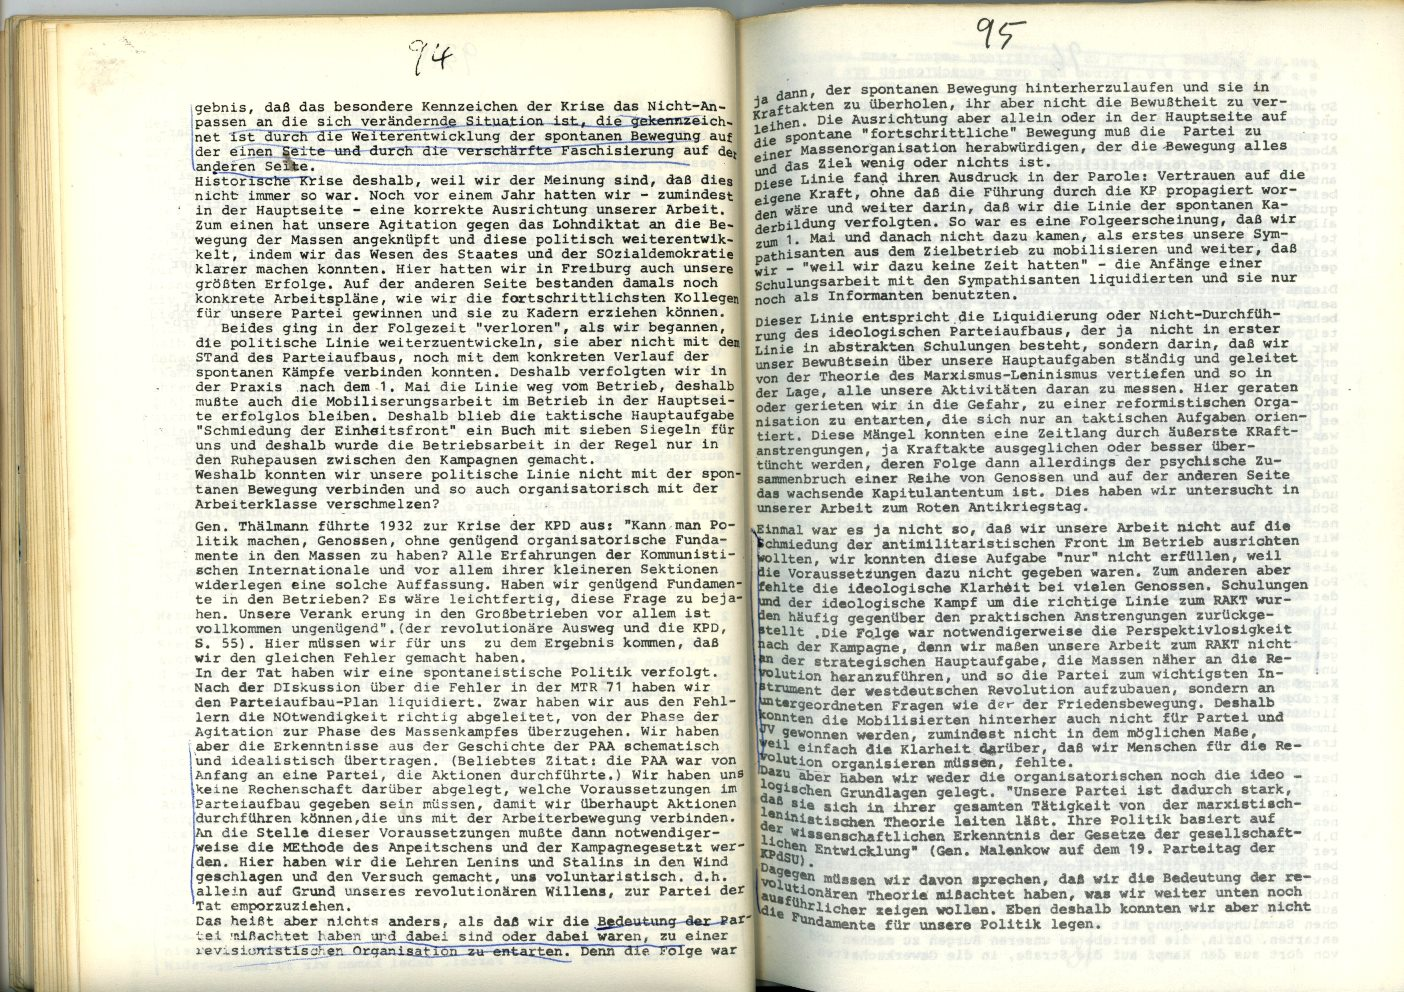 ZB_1972_Diskussionsorgan_zur_ersten_Parteikonferenz_52